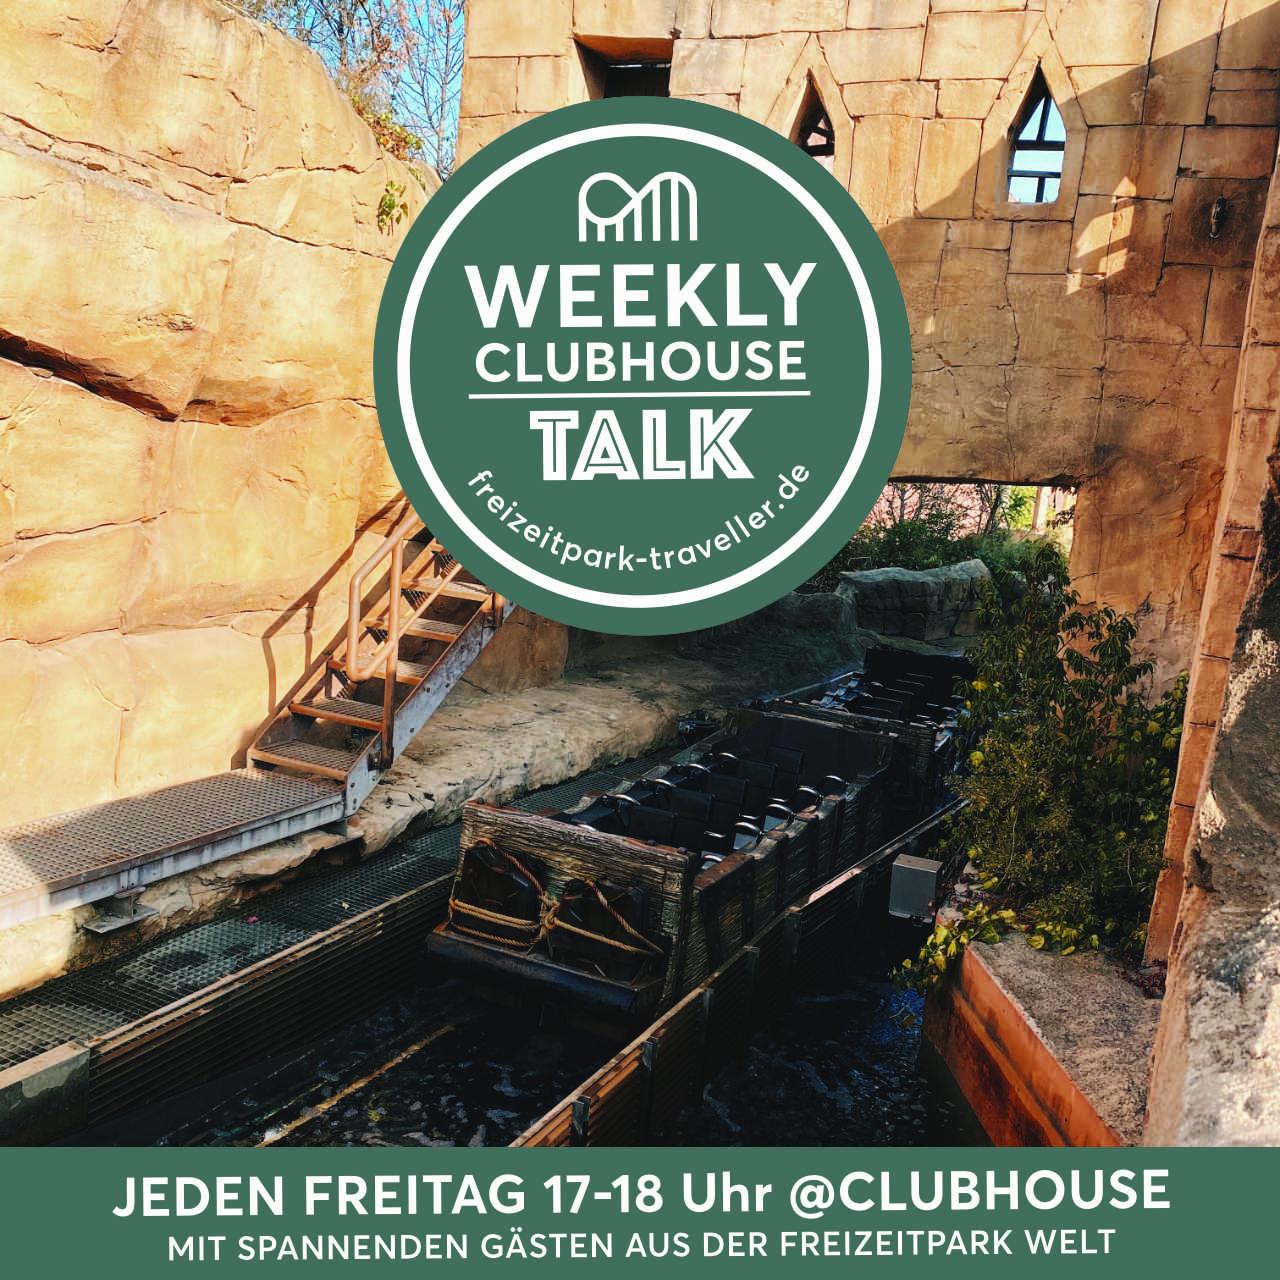 Freizeitpark Talk auf Clubhouse